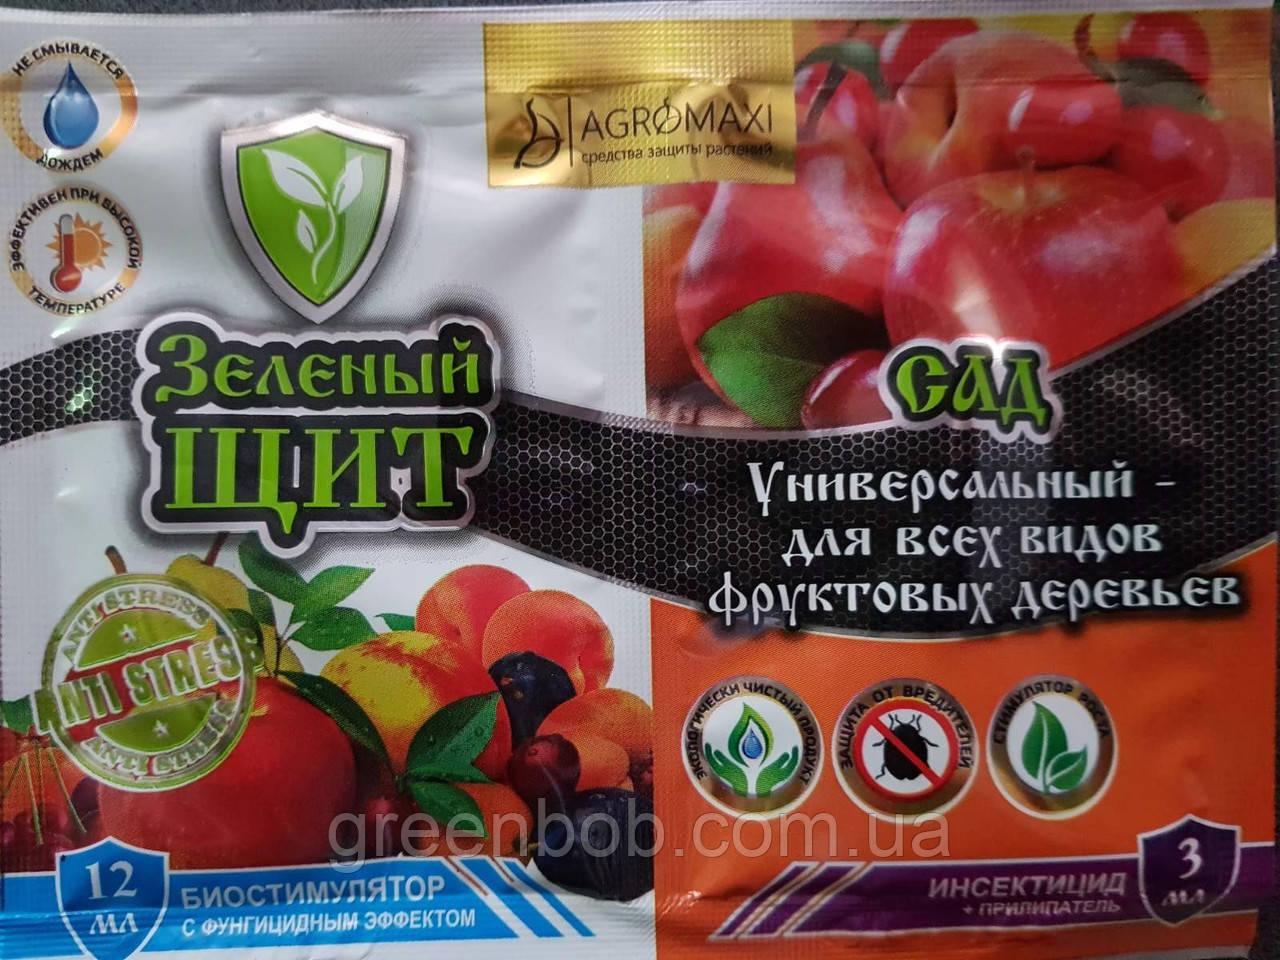 """СПАСАТЕЛЬ """"Зеленый щит"""" для сада универсальный - для всех видов фруктовых деревьев  3мл+12мл"""